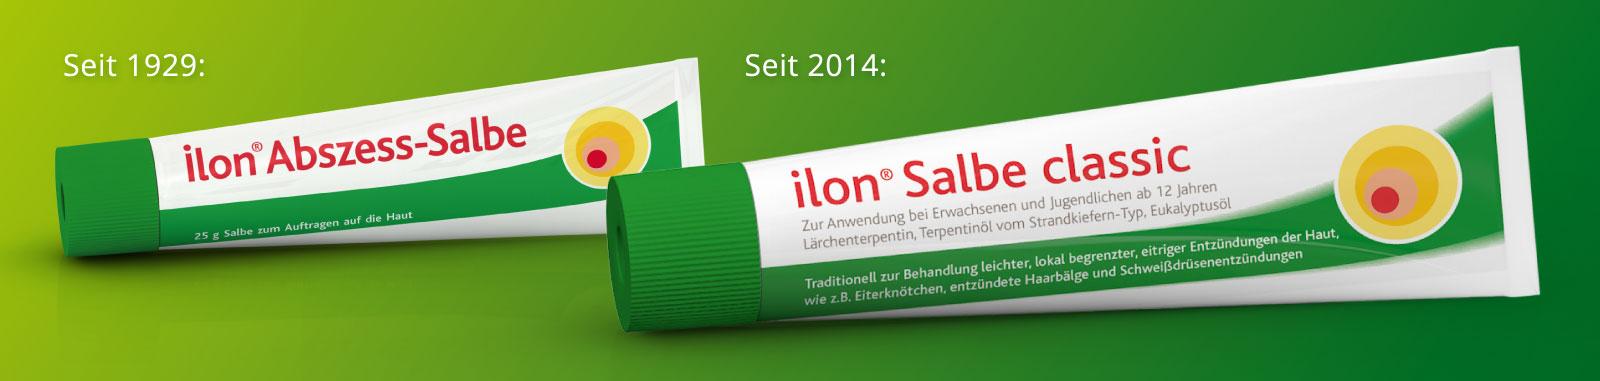 Seit 1929 die ilon Abszess-Salbe, seit 2014 die ilon Salbe classic